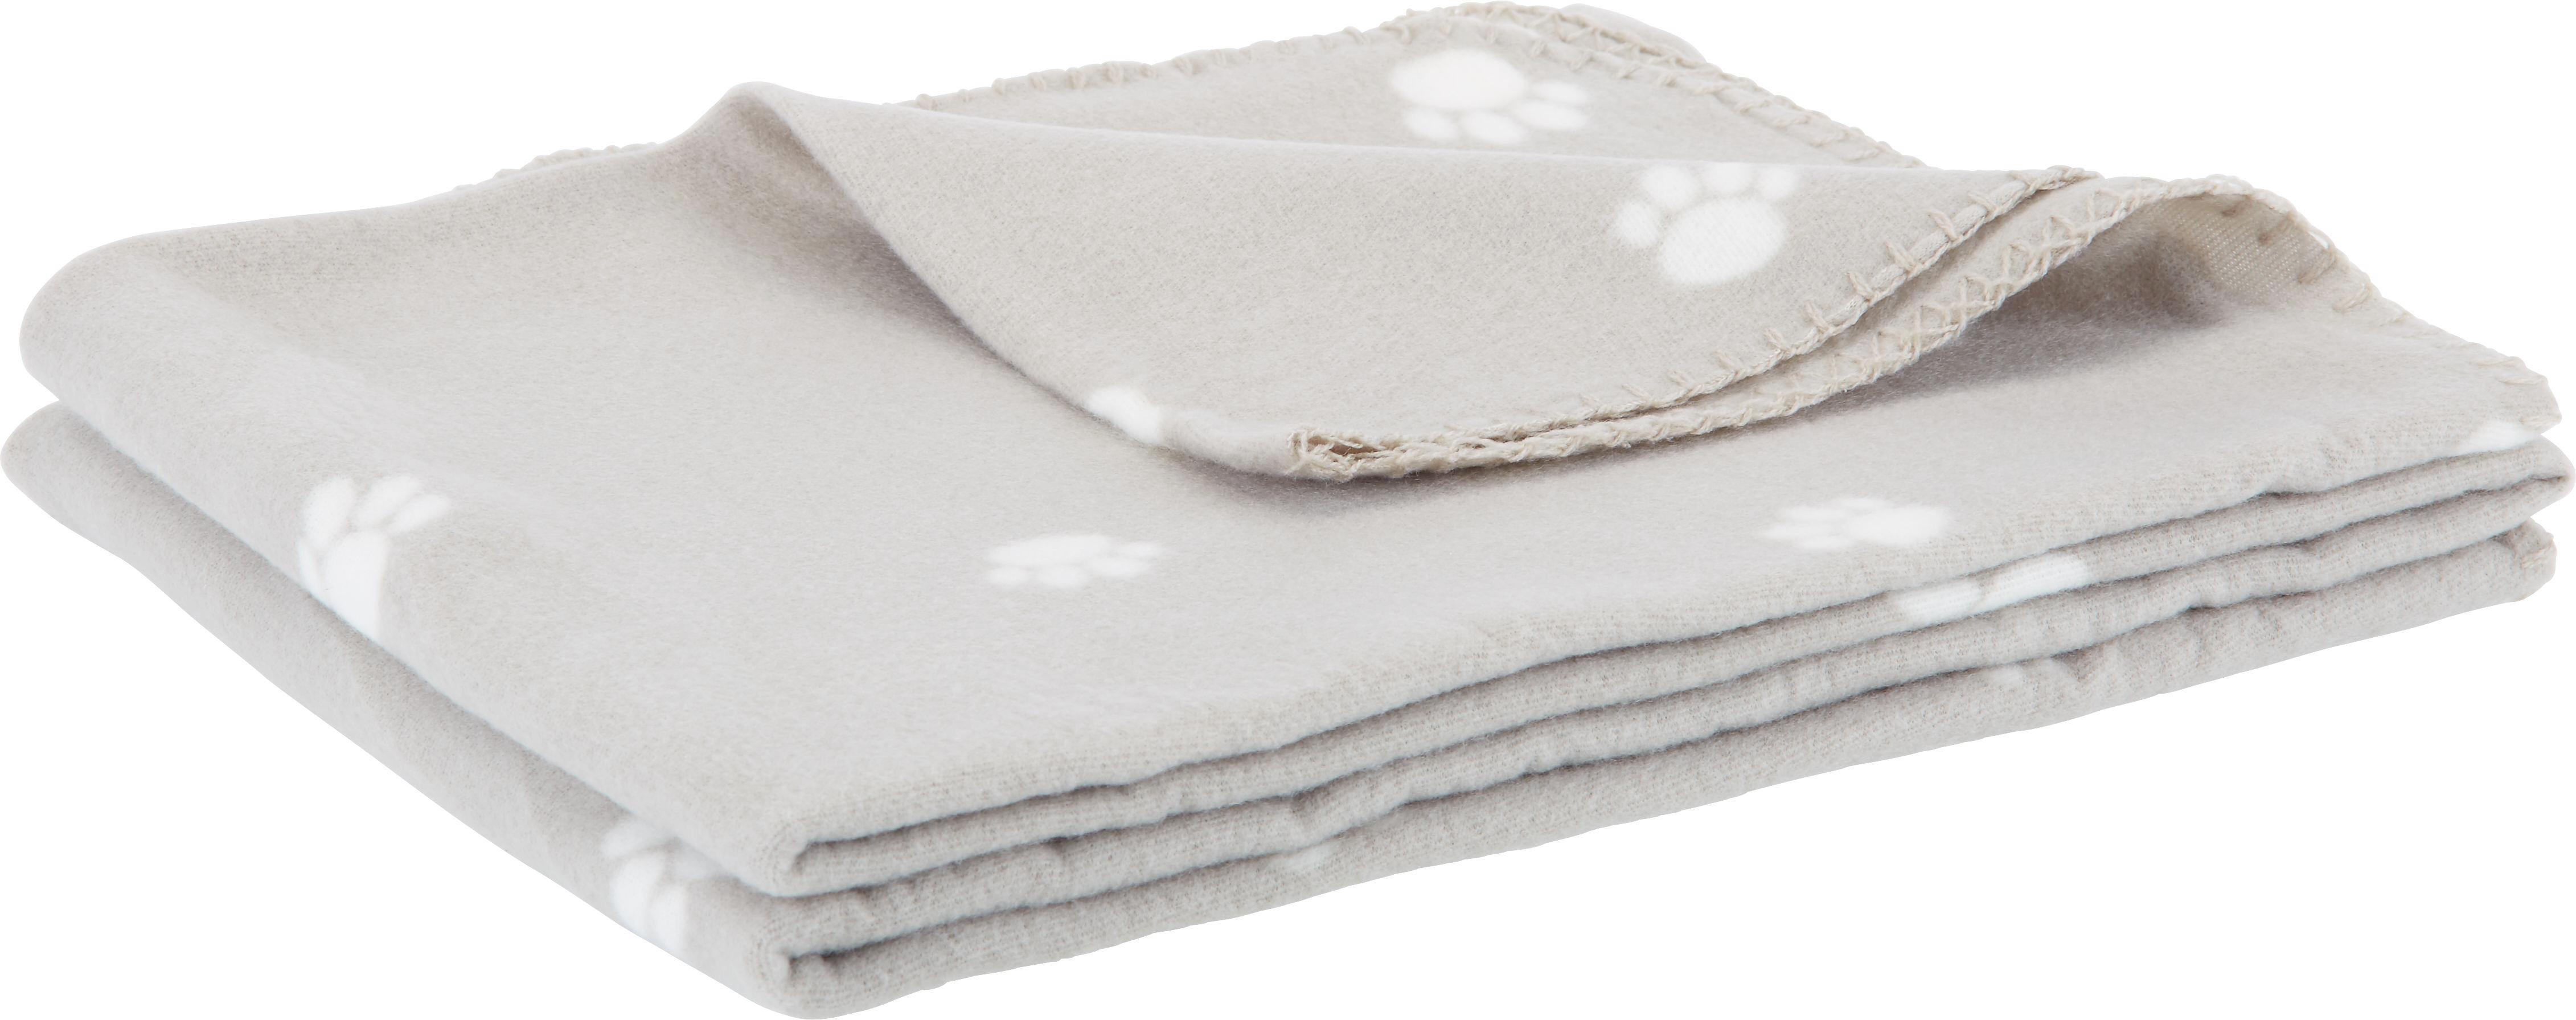 Fleecová Přikrývka Pet - béžová, textil (120/150cm) - MÖMAX modern living